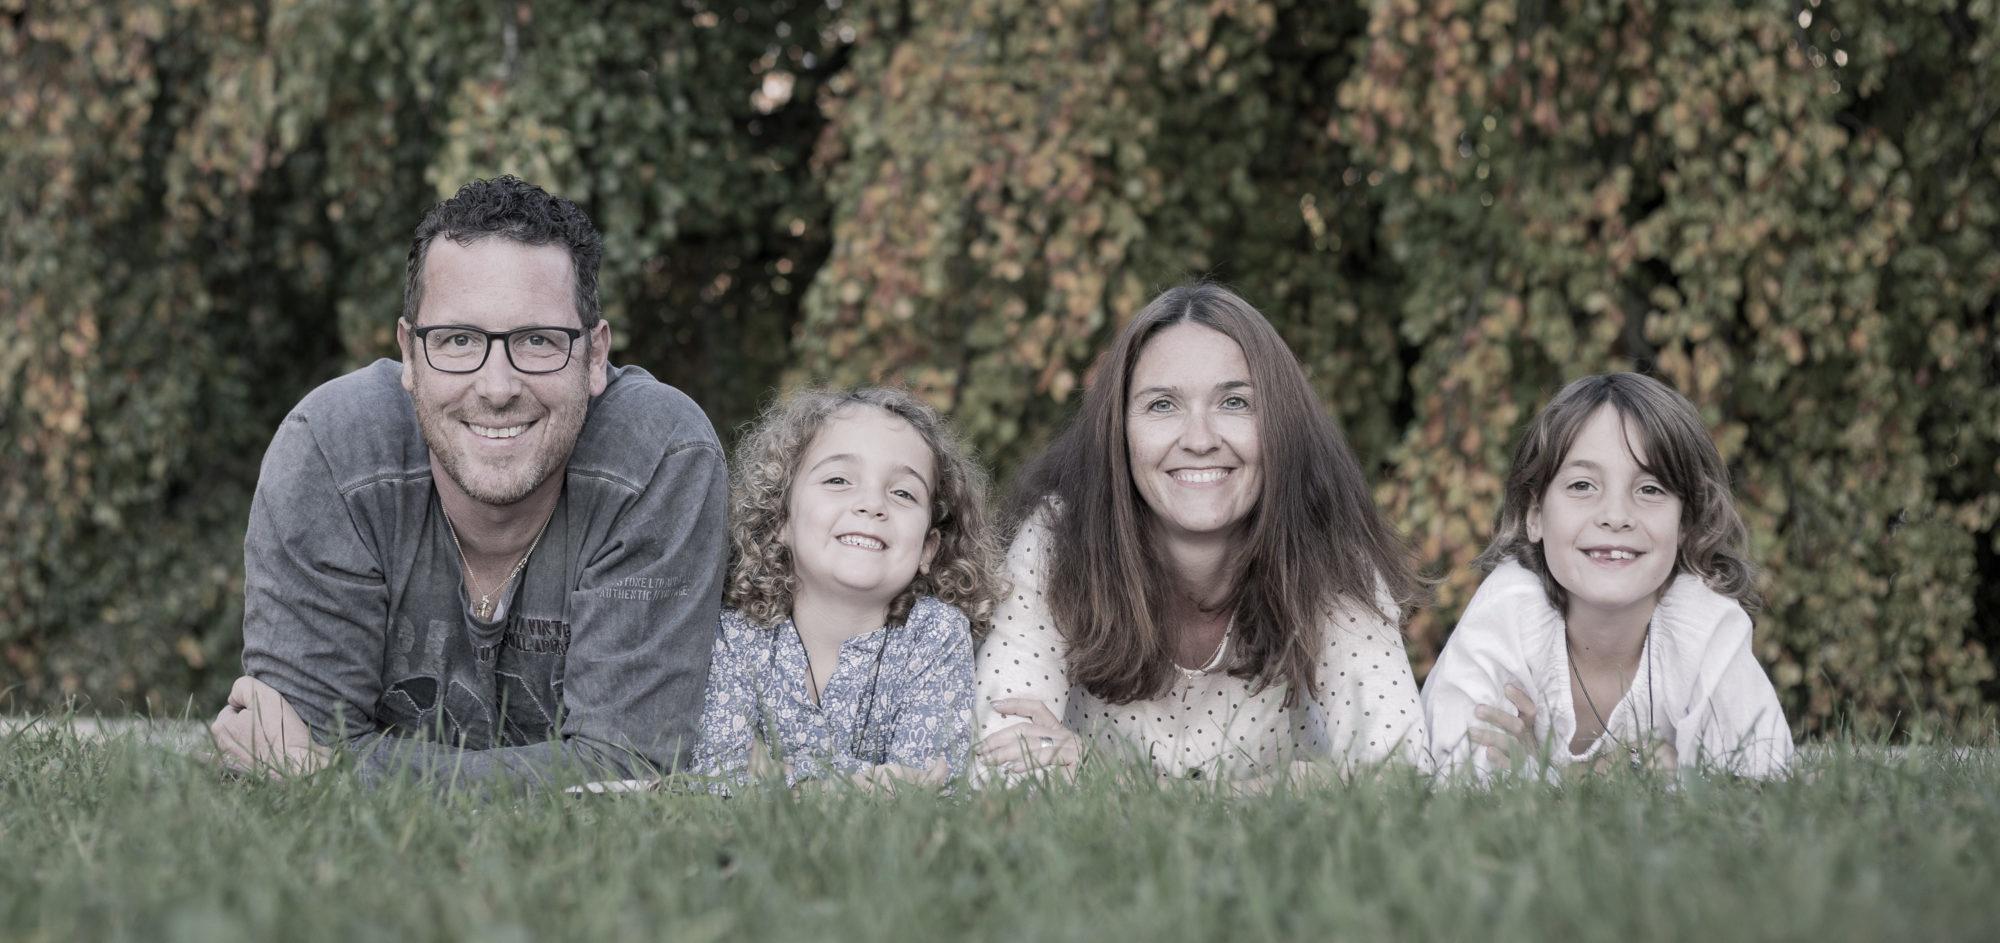 Der Fotograf hat hier eine Familie fotografiert, welche im Gras liegt